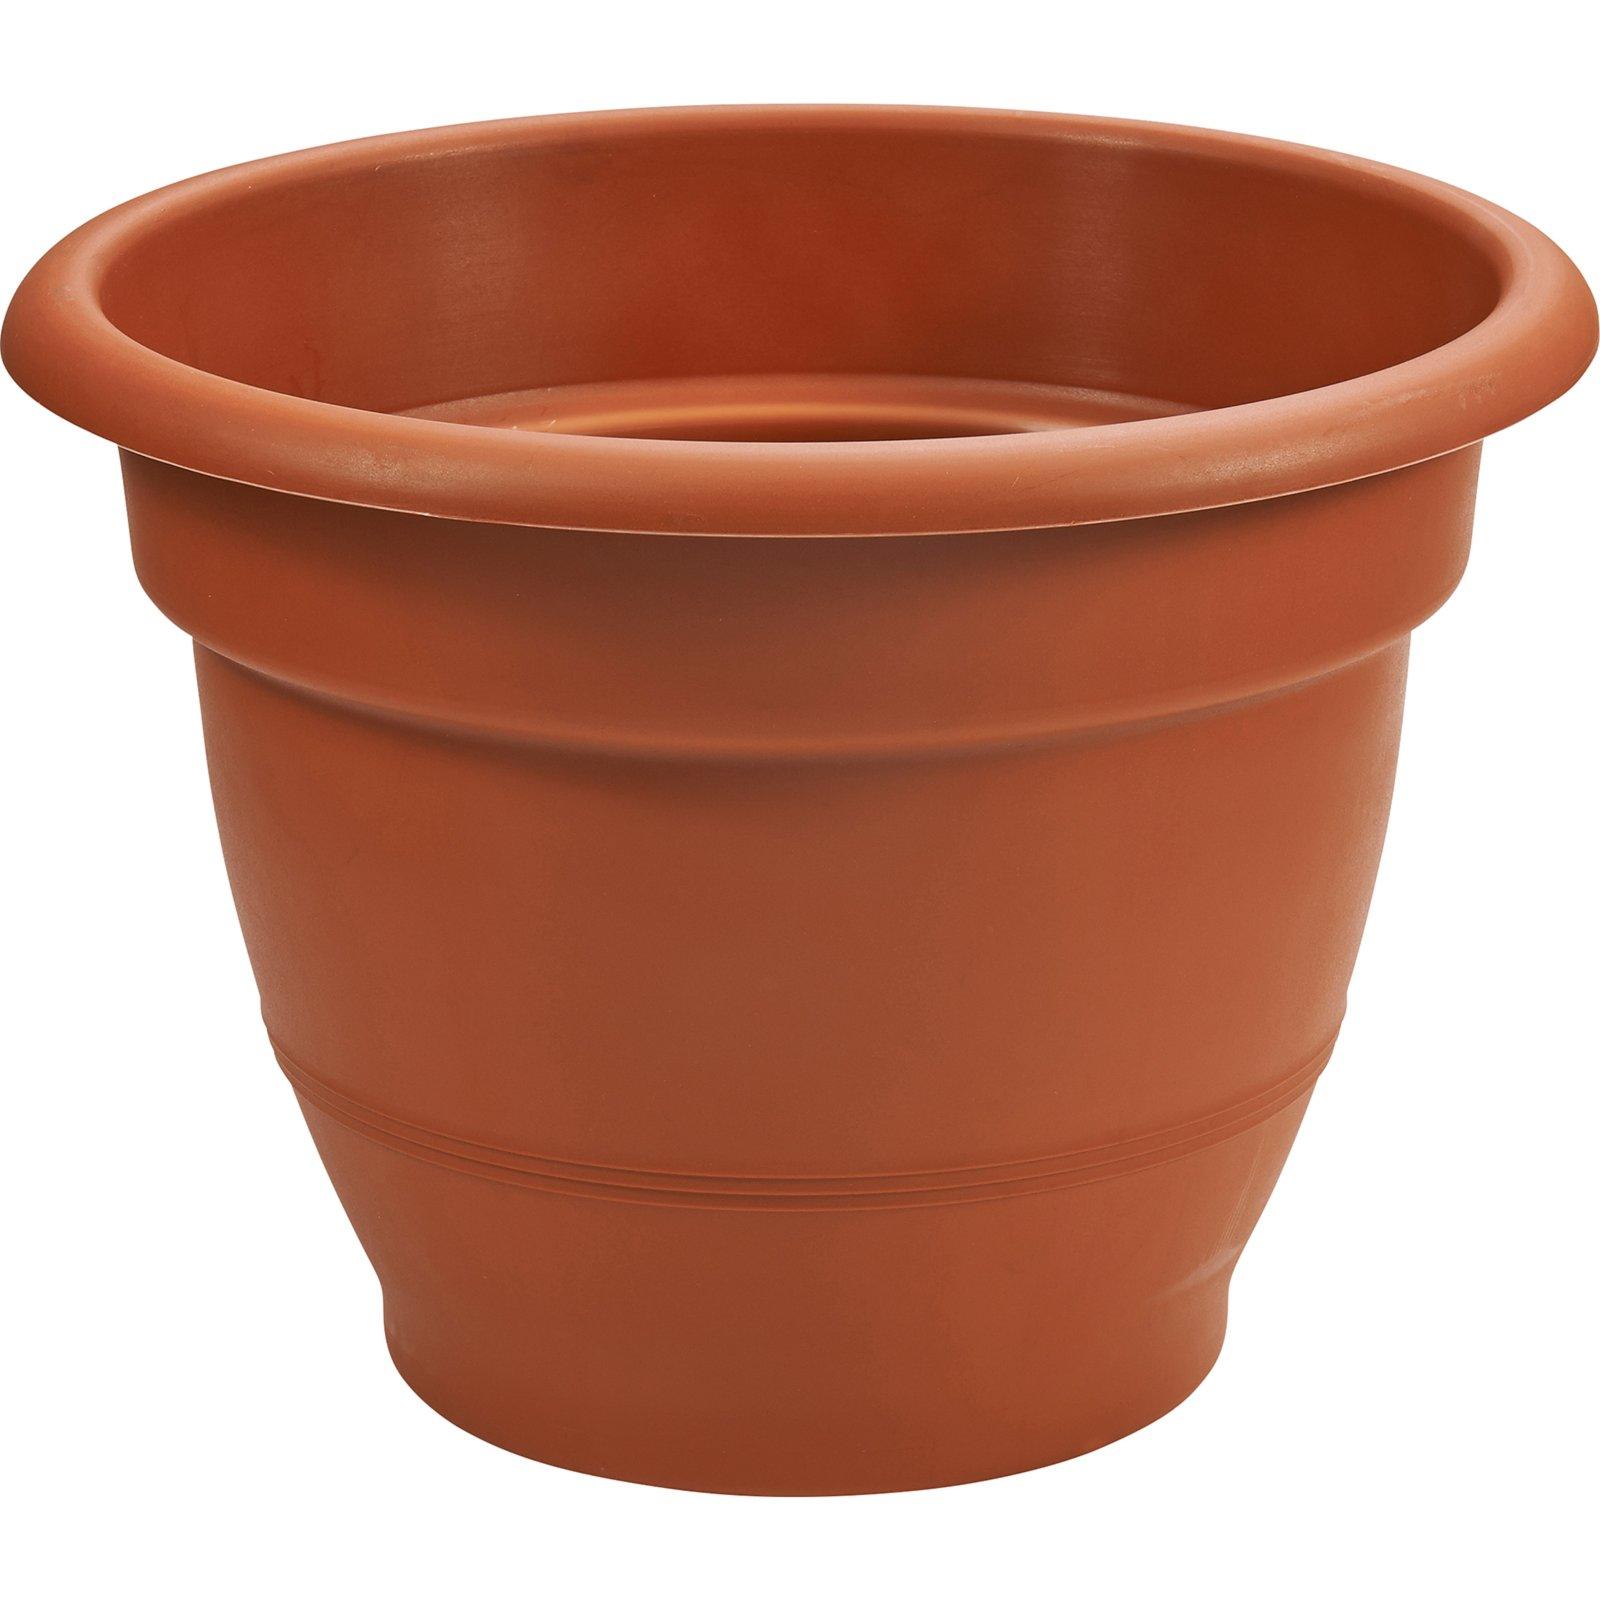 Blumentopf SYDNEY - terracotta - Durchmesser 28 cm